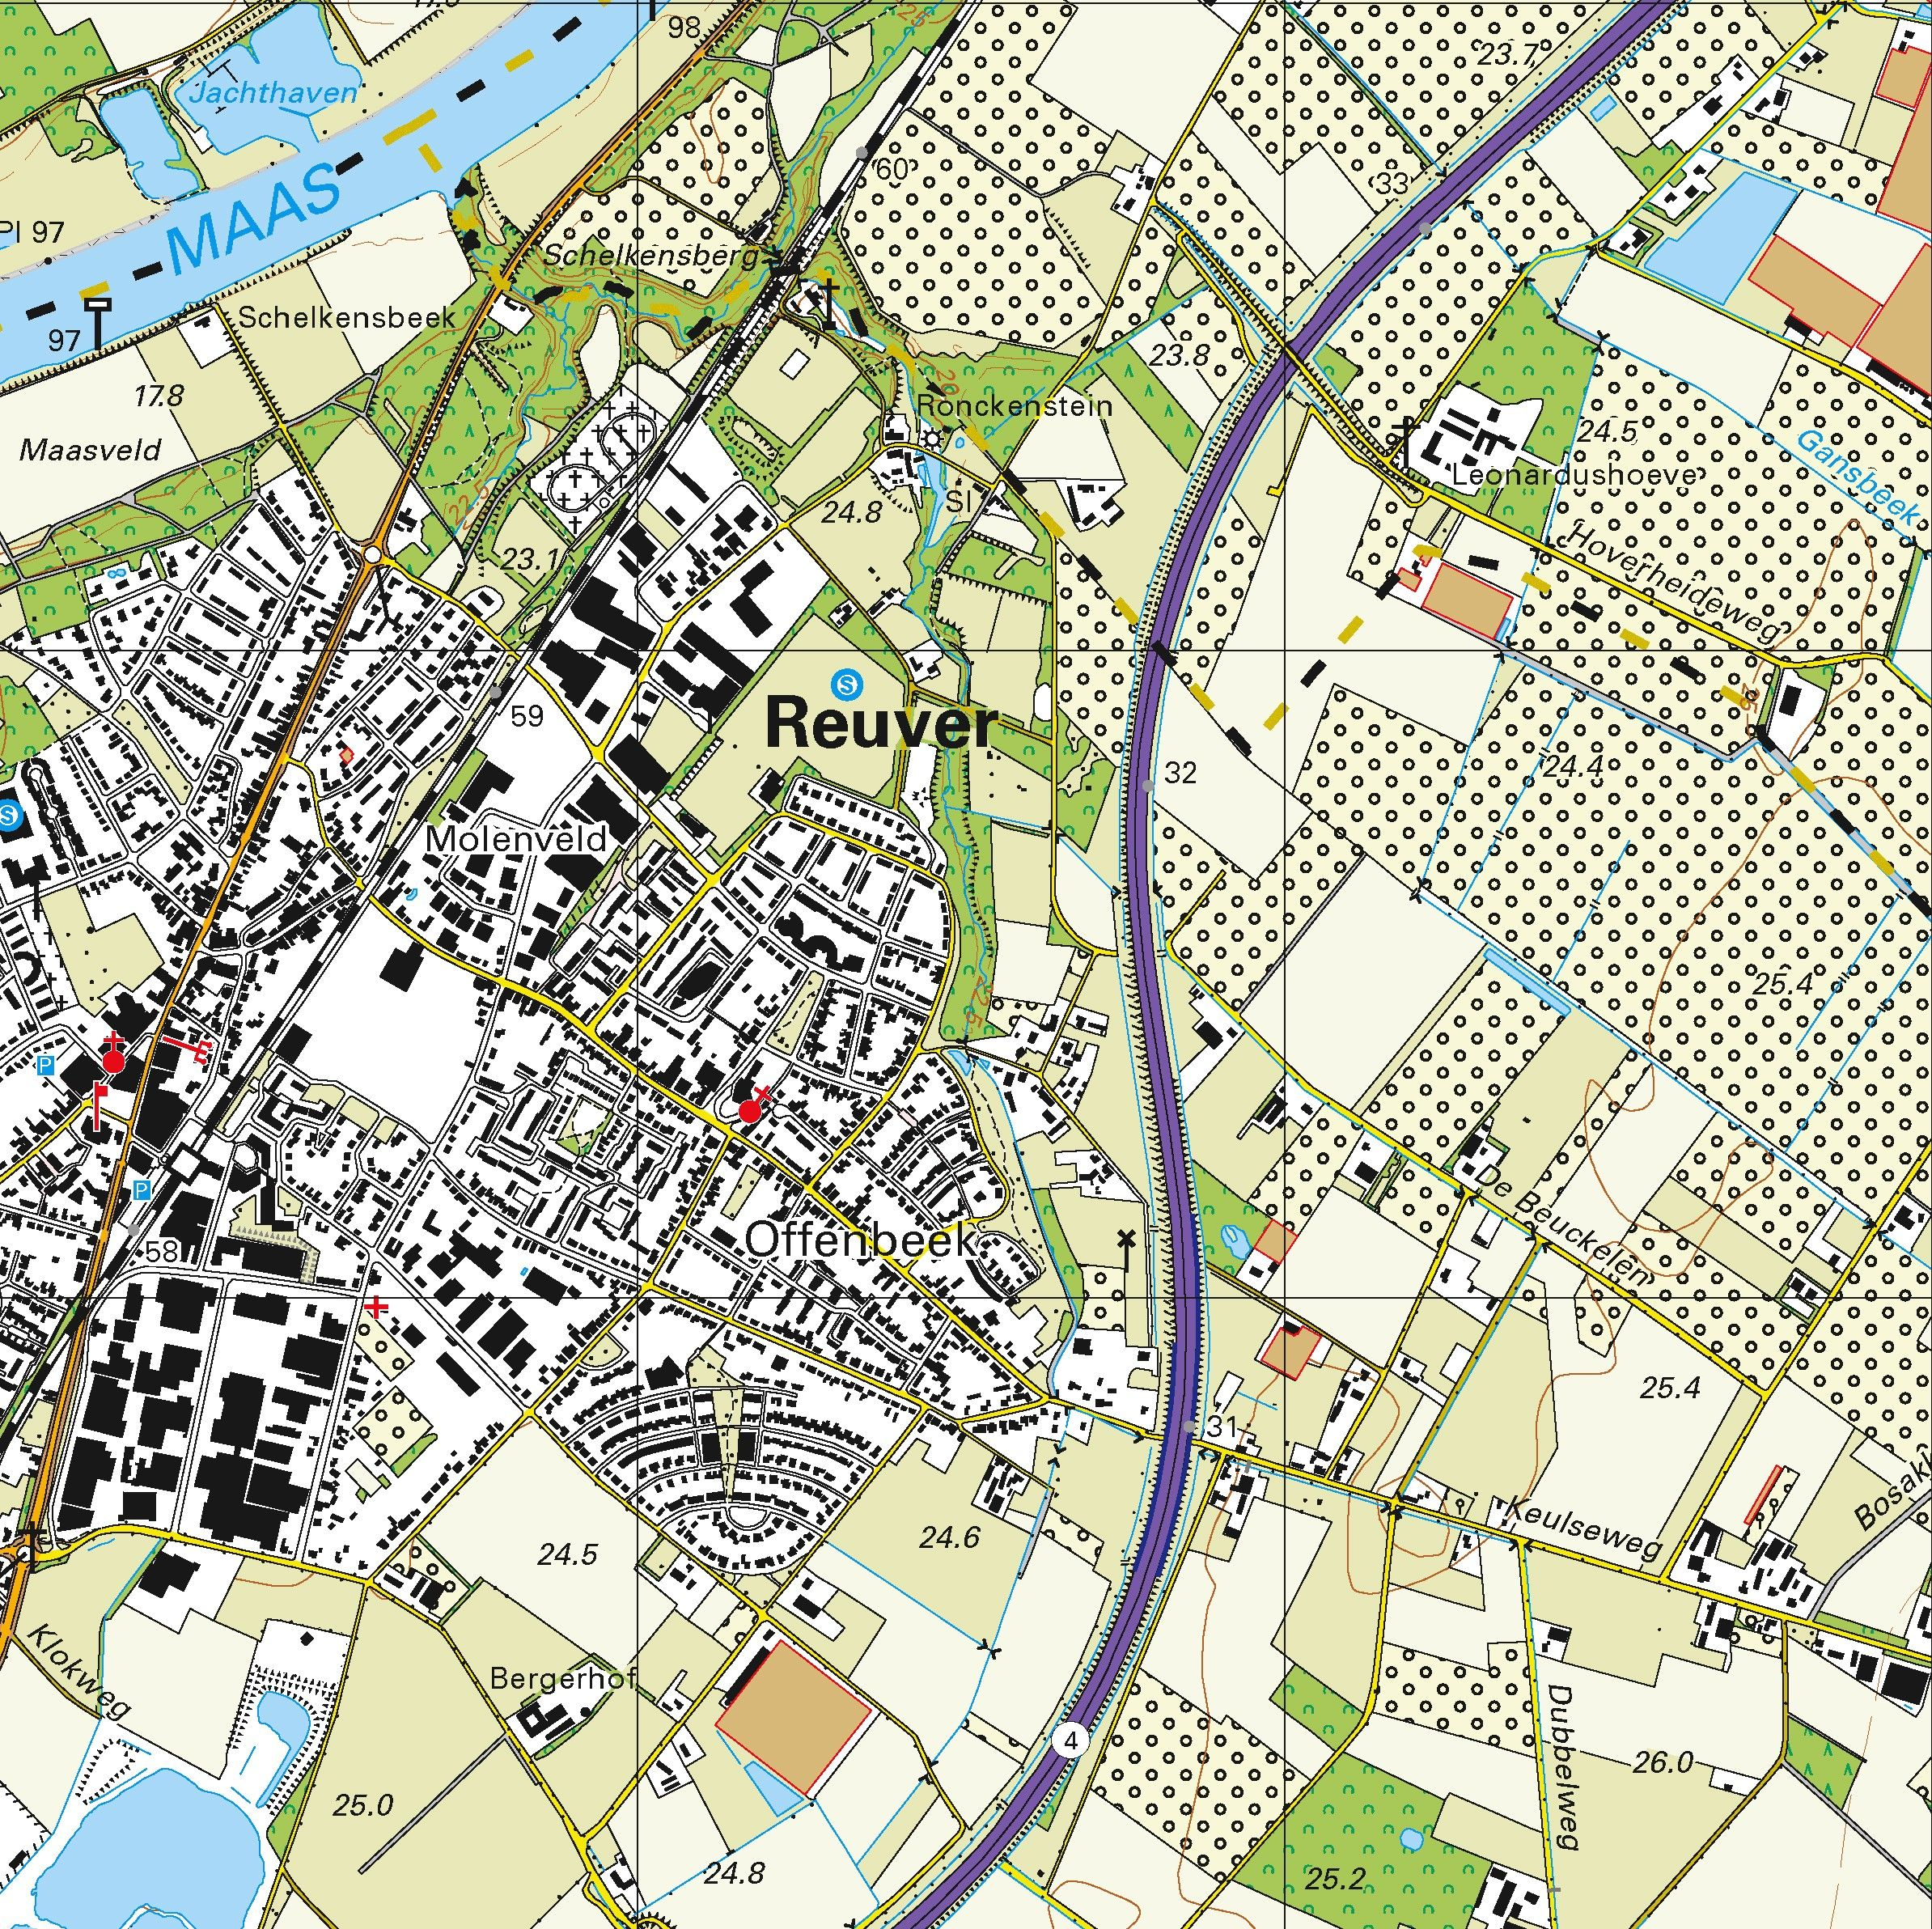 Topografische kaart schaal 1:25.000 (Venlo, Tegelen, Horst, Baarlo, Belfeld, Swalmen, Herkenbosch)